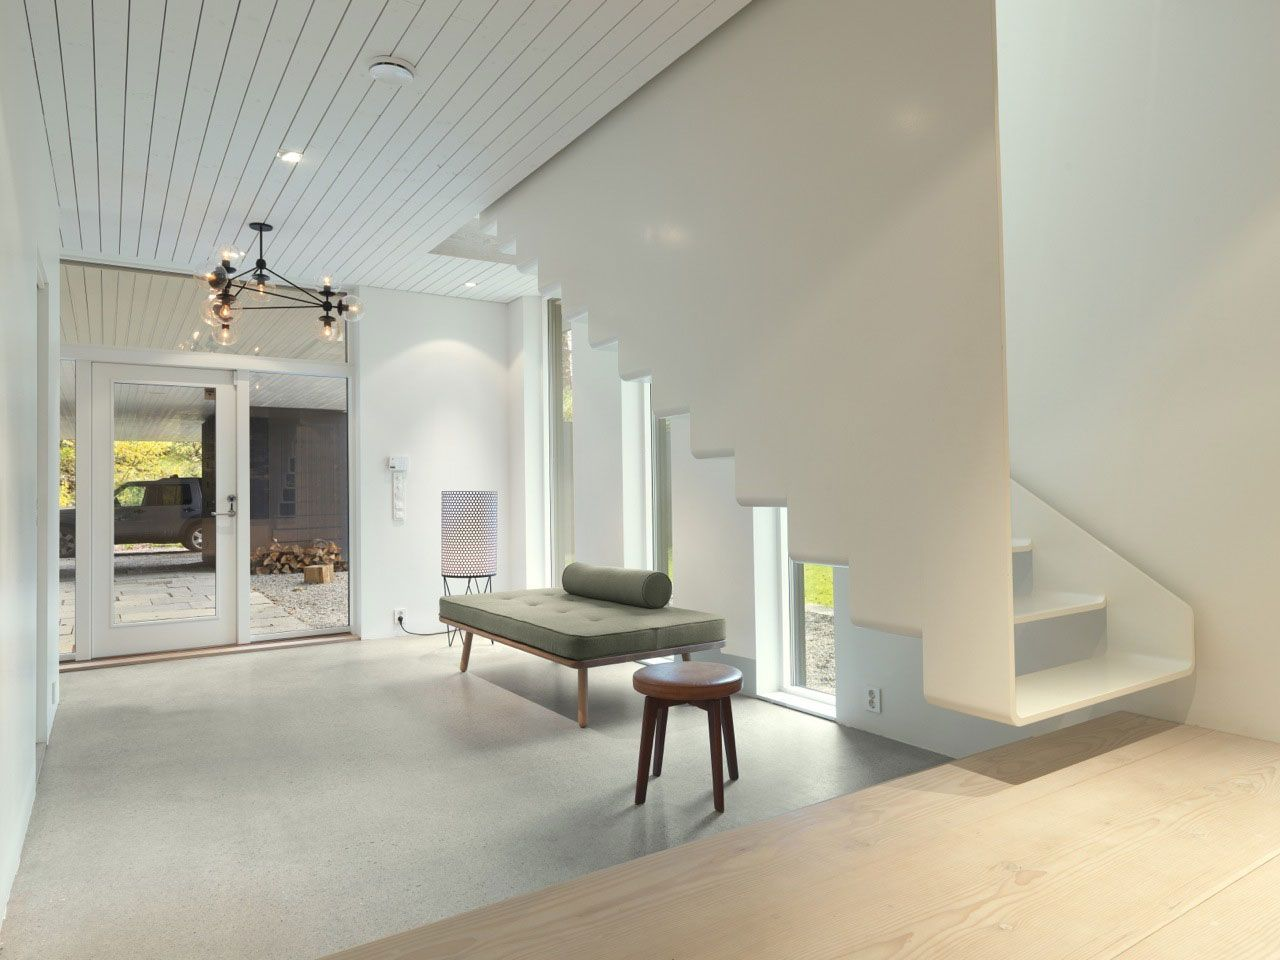 Villa-S-Saunders-Architecture-05